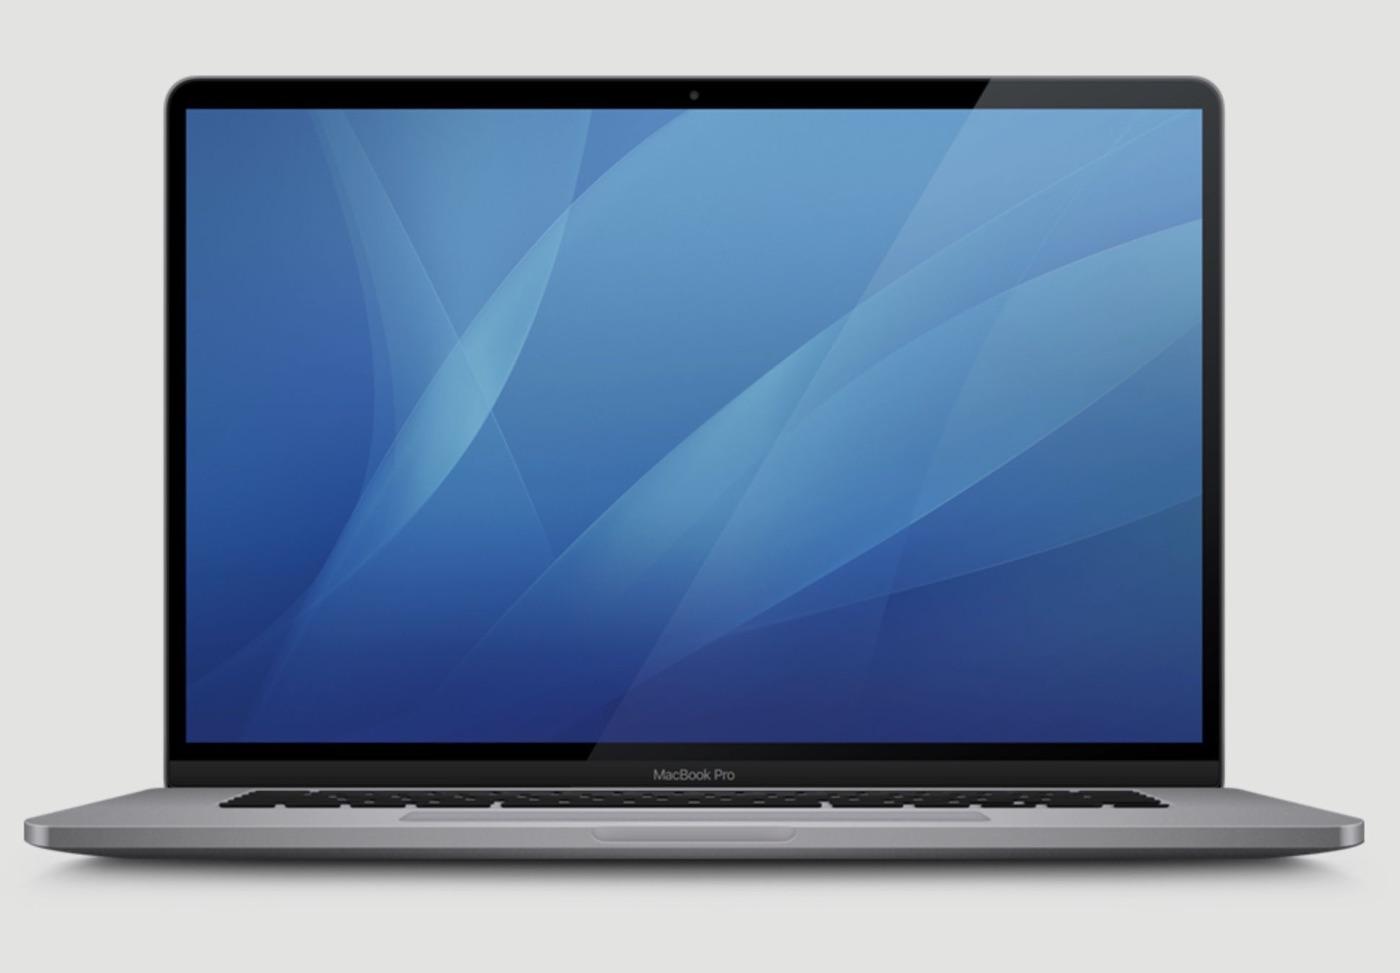 MacBook Pro 16 Pouces macOS 10.15.1 - Le MacBook Pro 16 pouces remplacerait le 15 pouces et serait au même prix